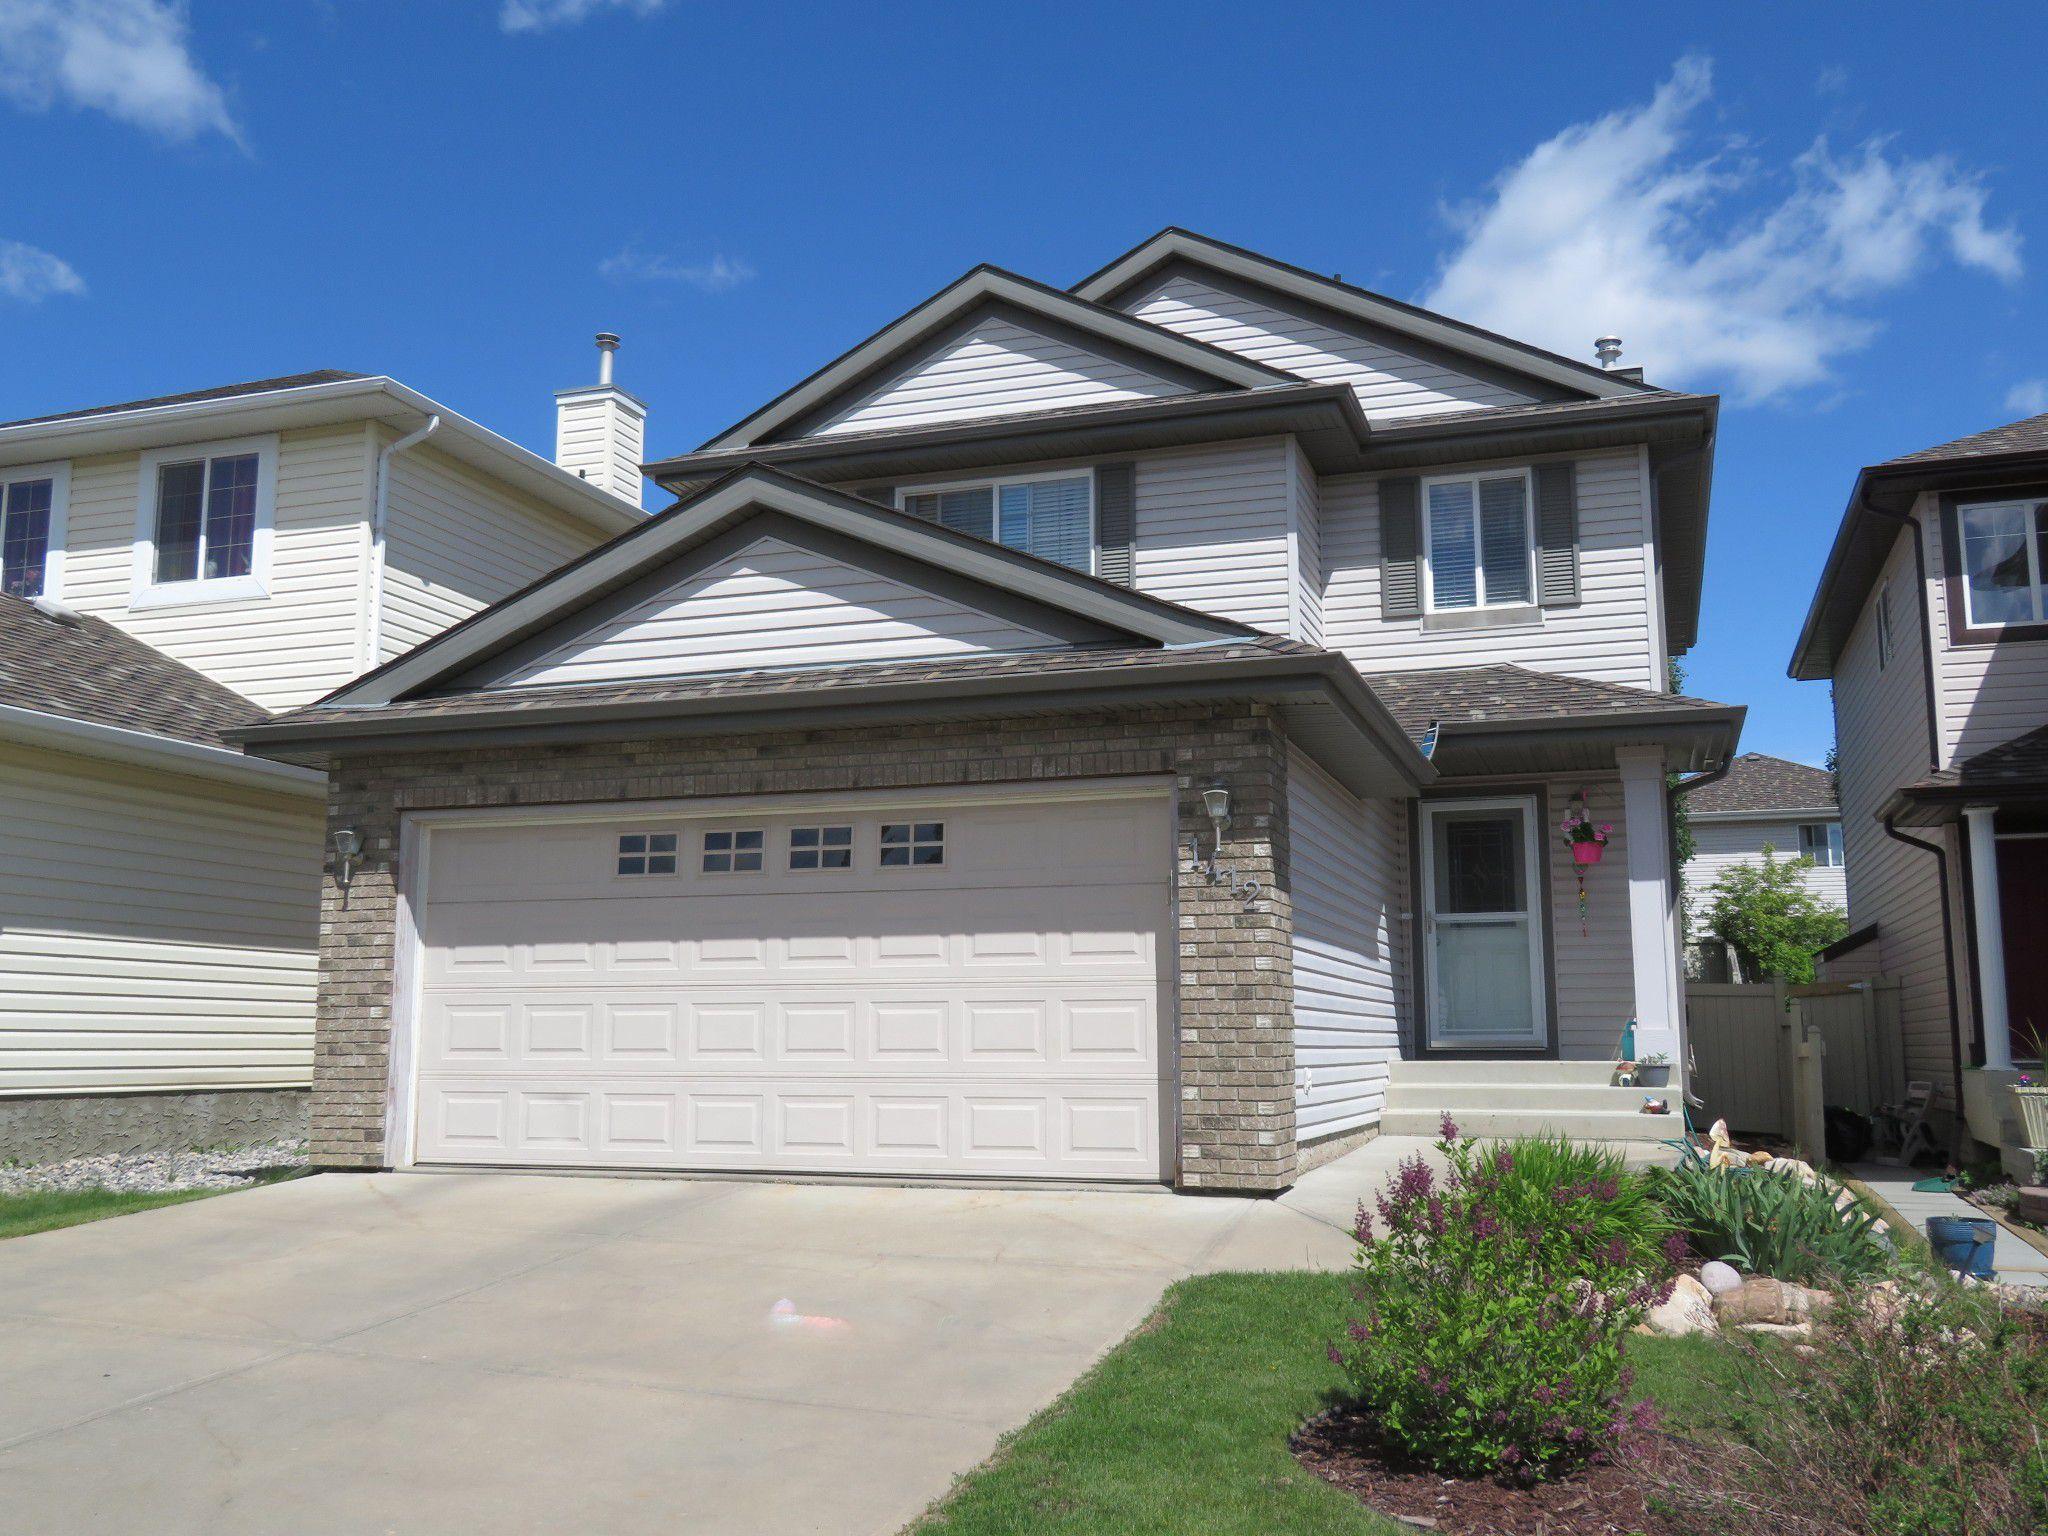 Main Photo: 1412 Latta Court in EDMONTON: House for sale (Edmonton)